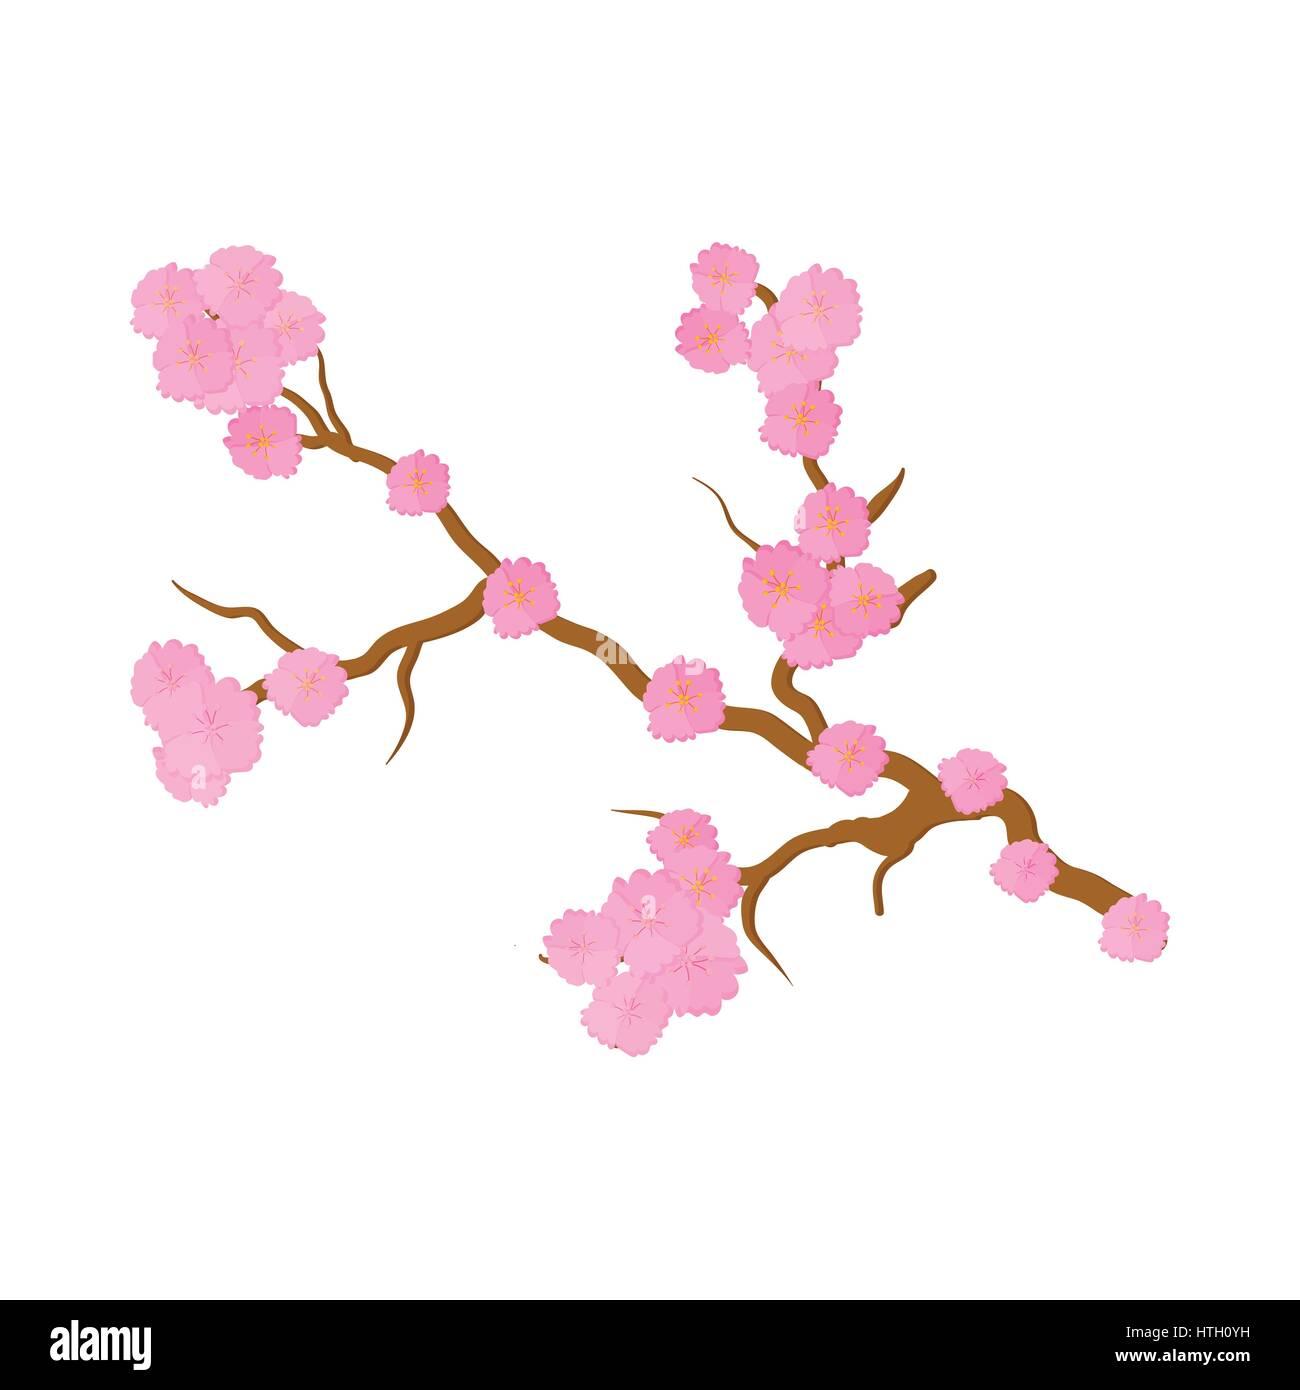 Los Cerezos En Flor Sakura Flores Icono Estilo De Dibujos Animados